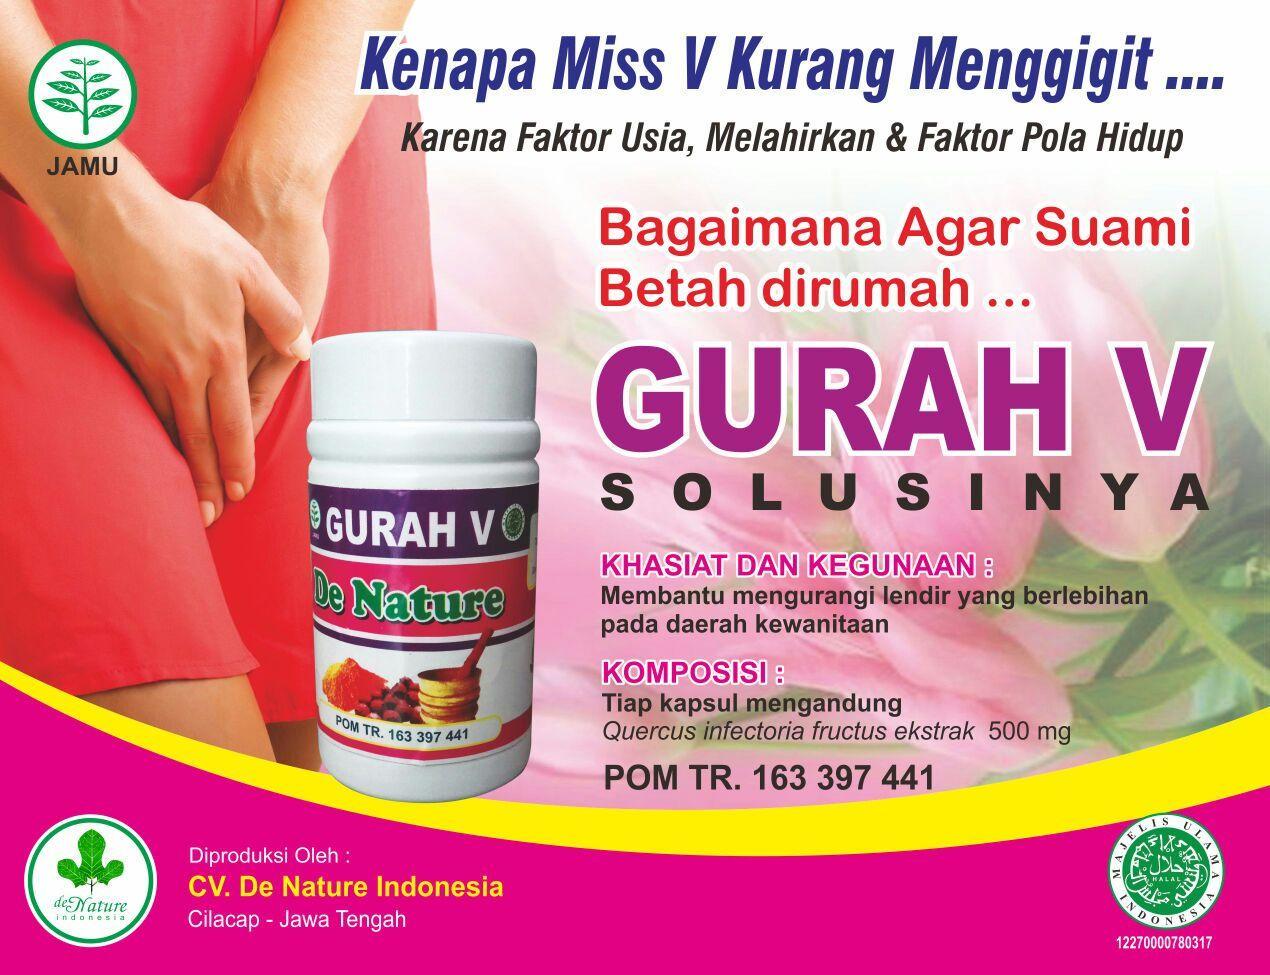 0813-8626-3426 (call/ sms/ whatsapp)